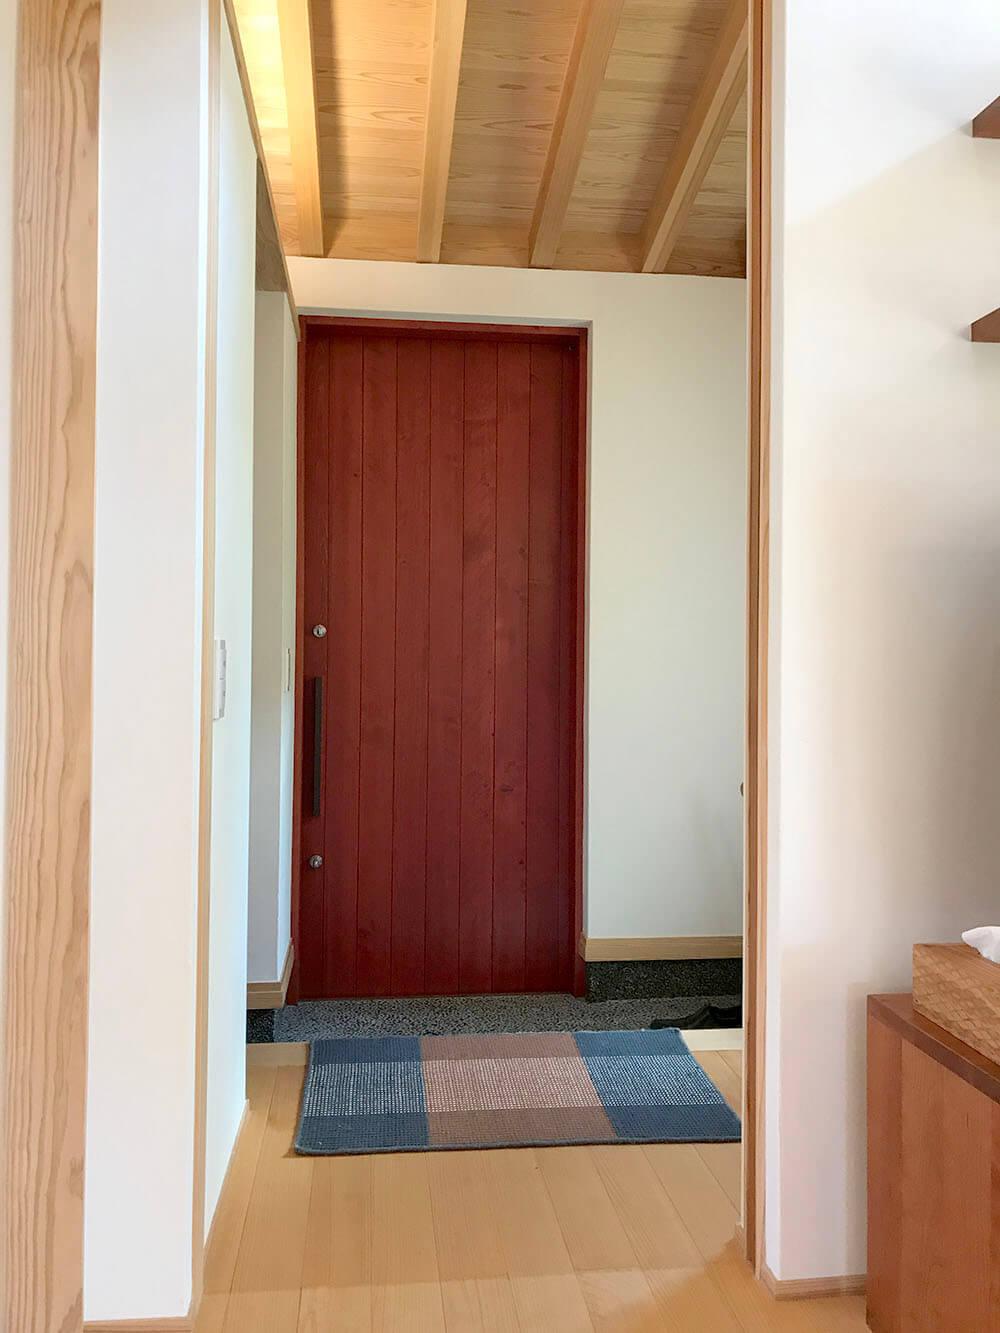 ユダ木工の赤い木製玄関引戸 内観